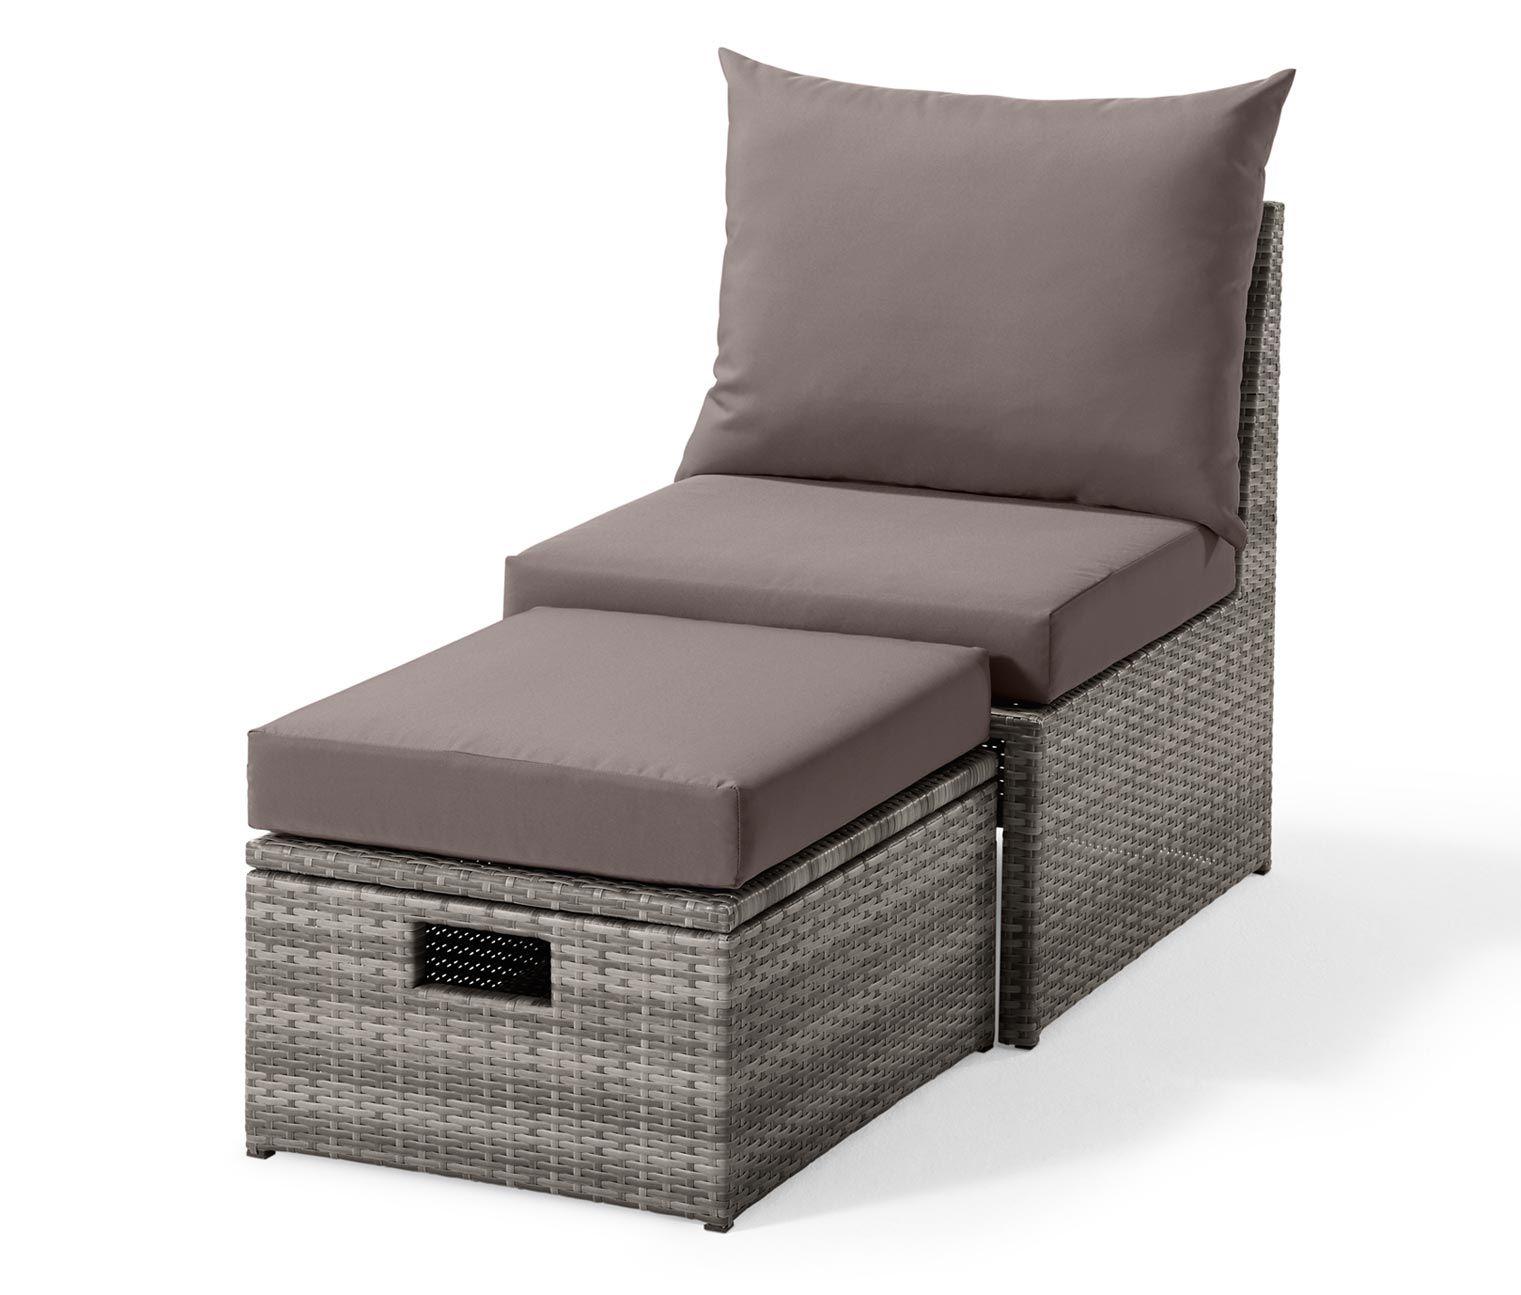 Lounge Kreslo S Podnozkou Polyratan 356353 Z E Shopu Tchibo Cz Lounge Sessel Sessel Balkonmobel